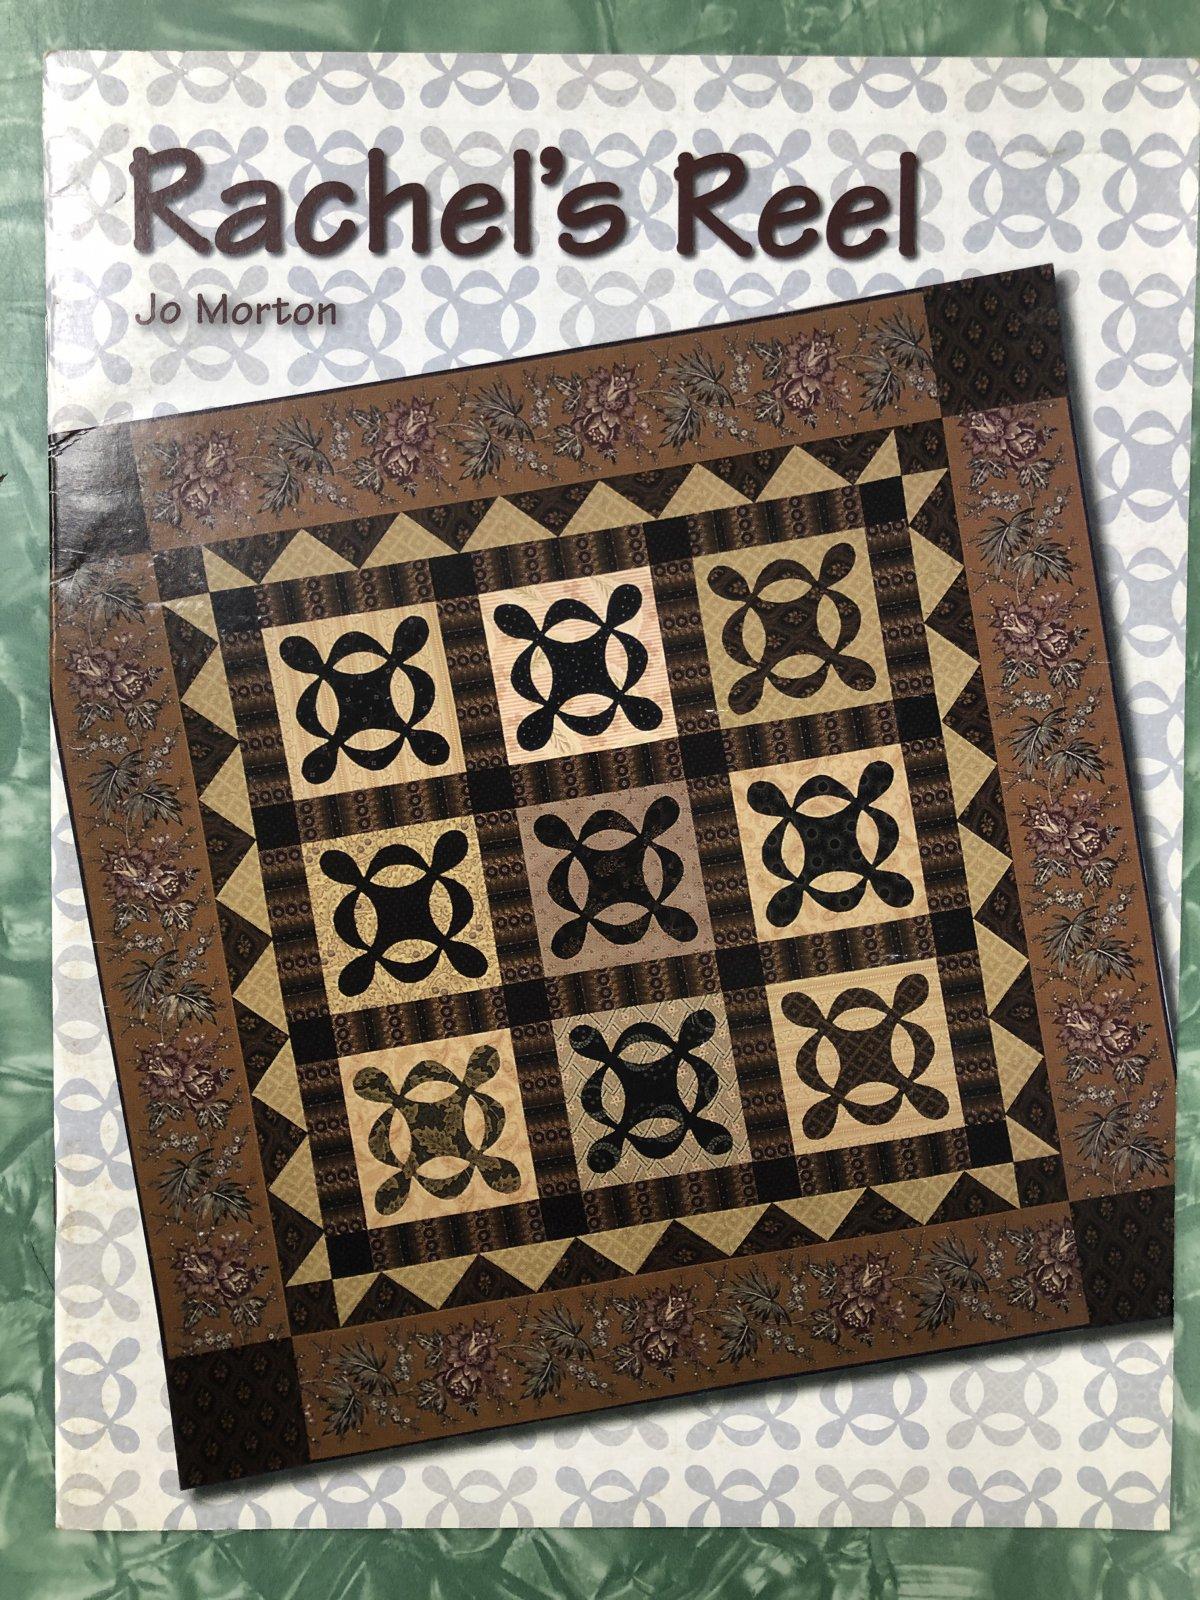 Rachel's Reel